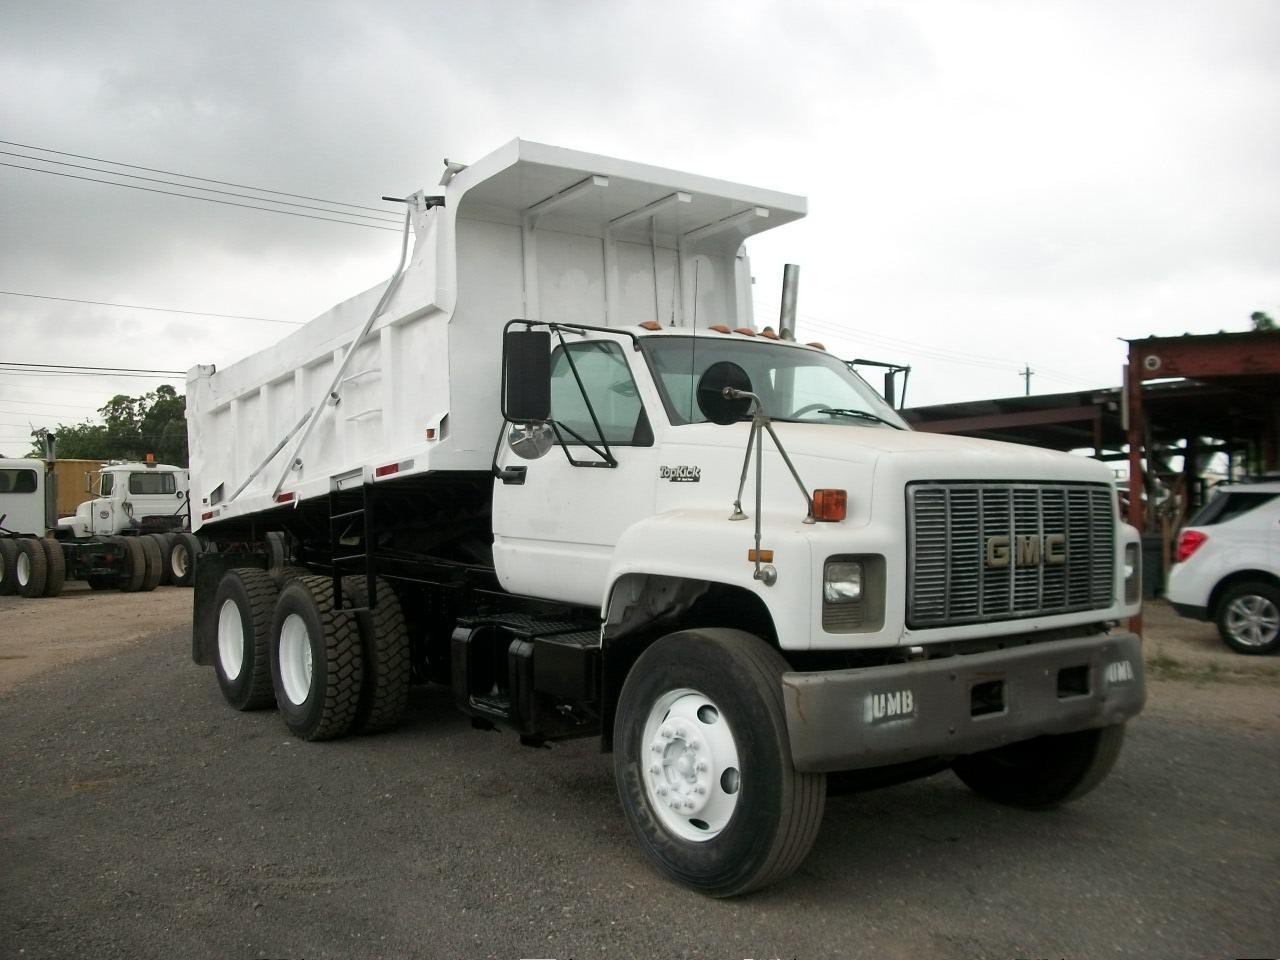 2007 Gmc Denali Dually Truck Html Autos Post